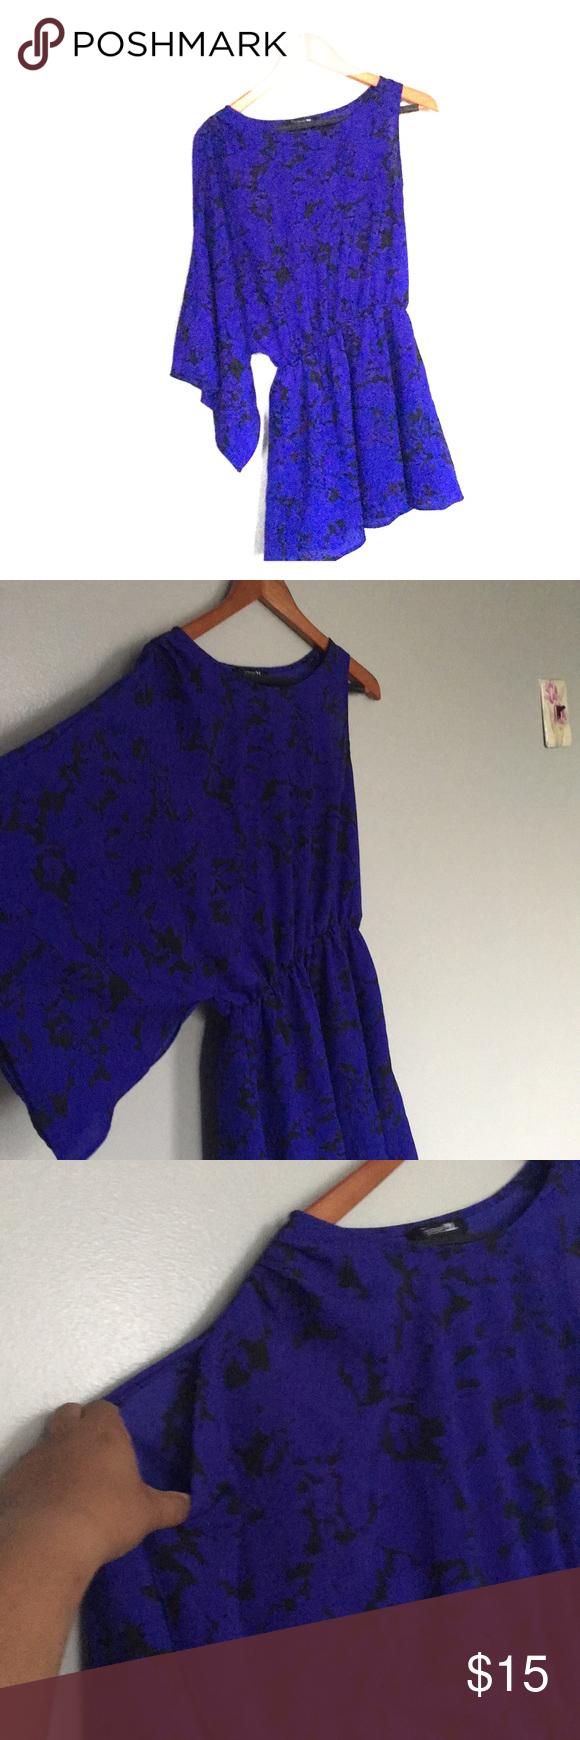 Shoulder Cape Royal Blue Blouse Forever 21 My Posh Closet Blue